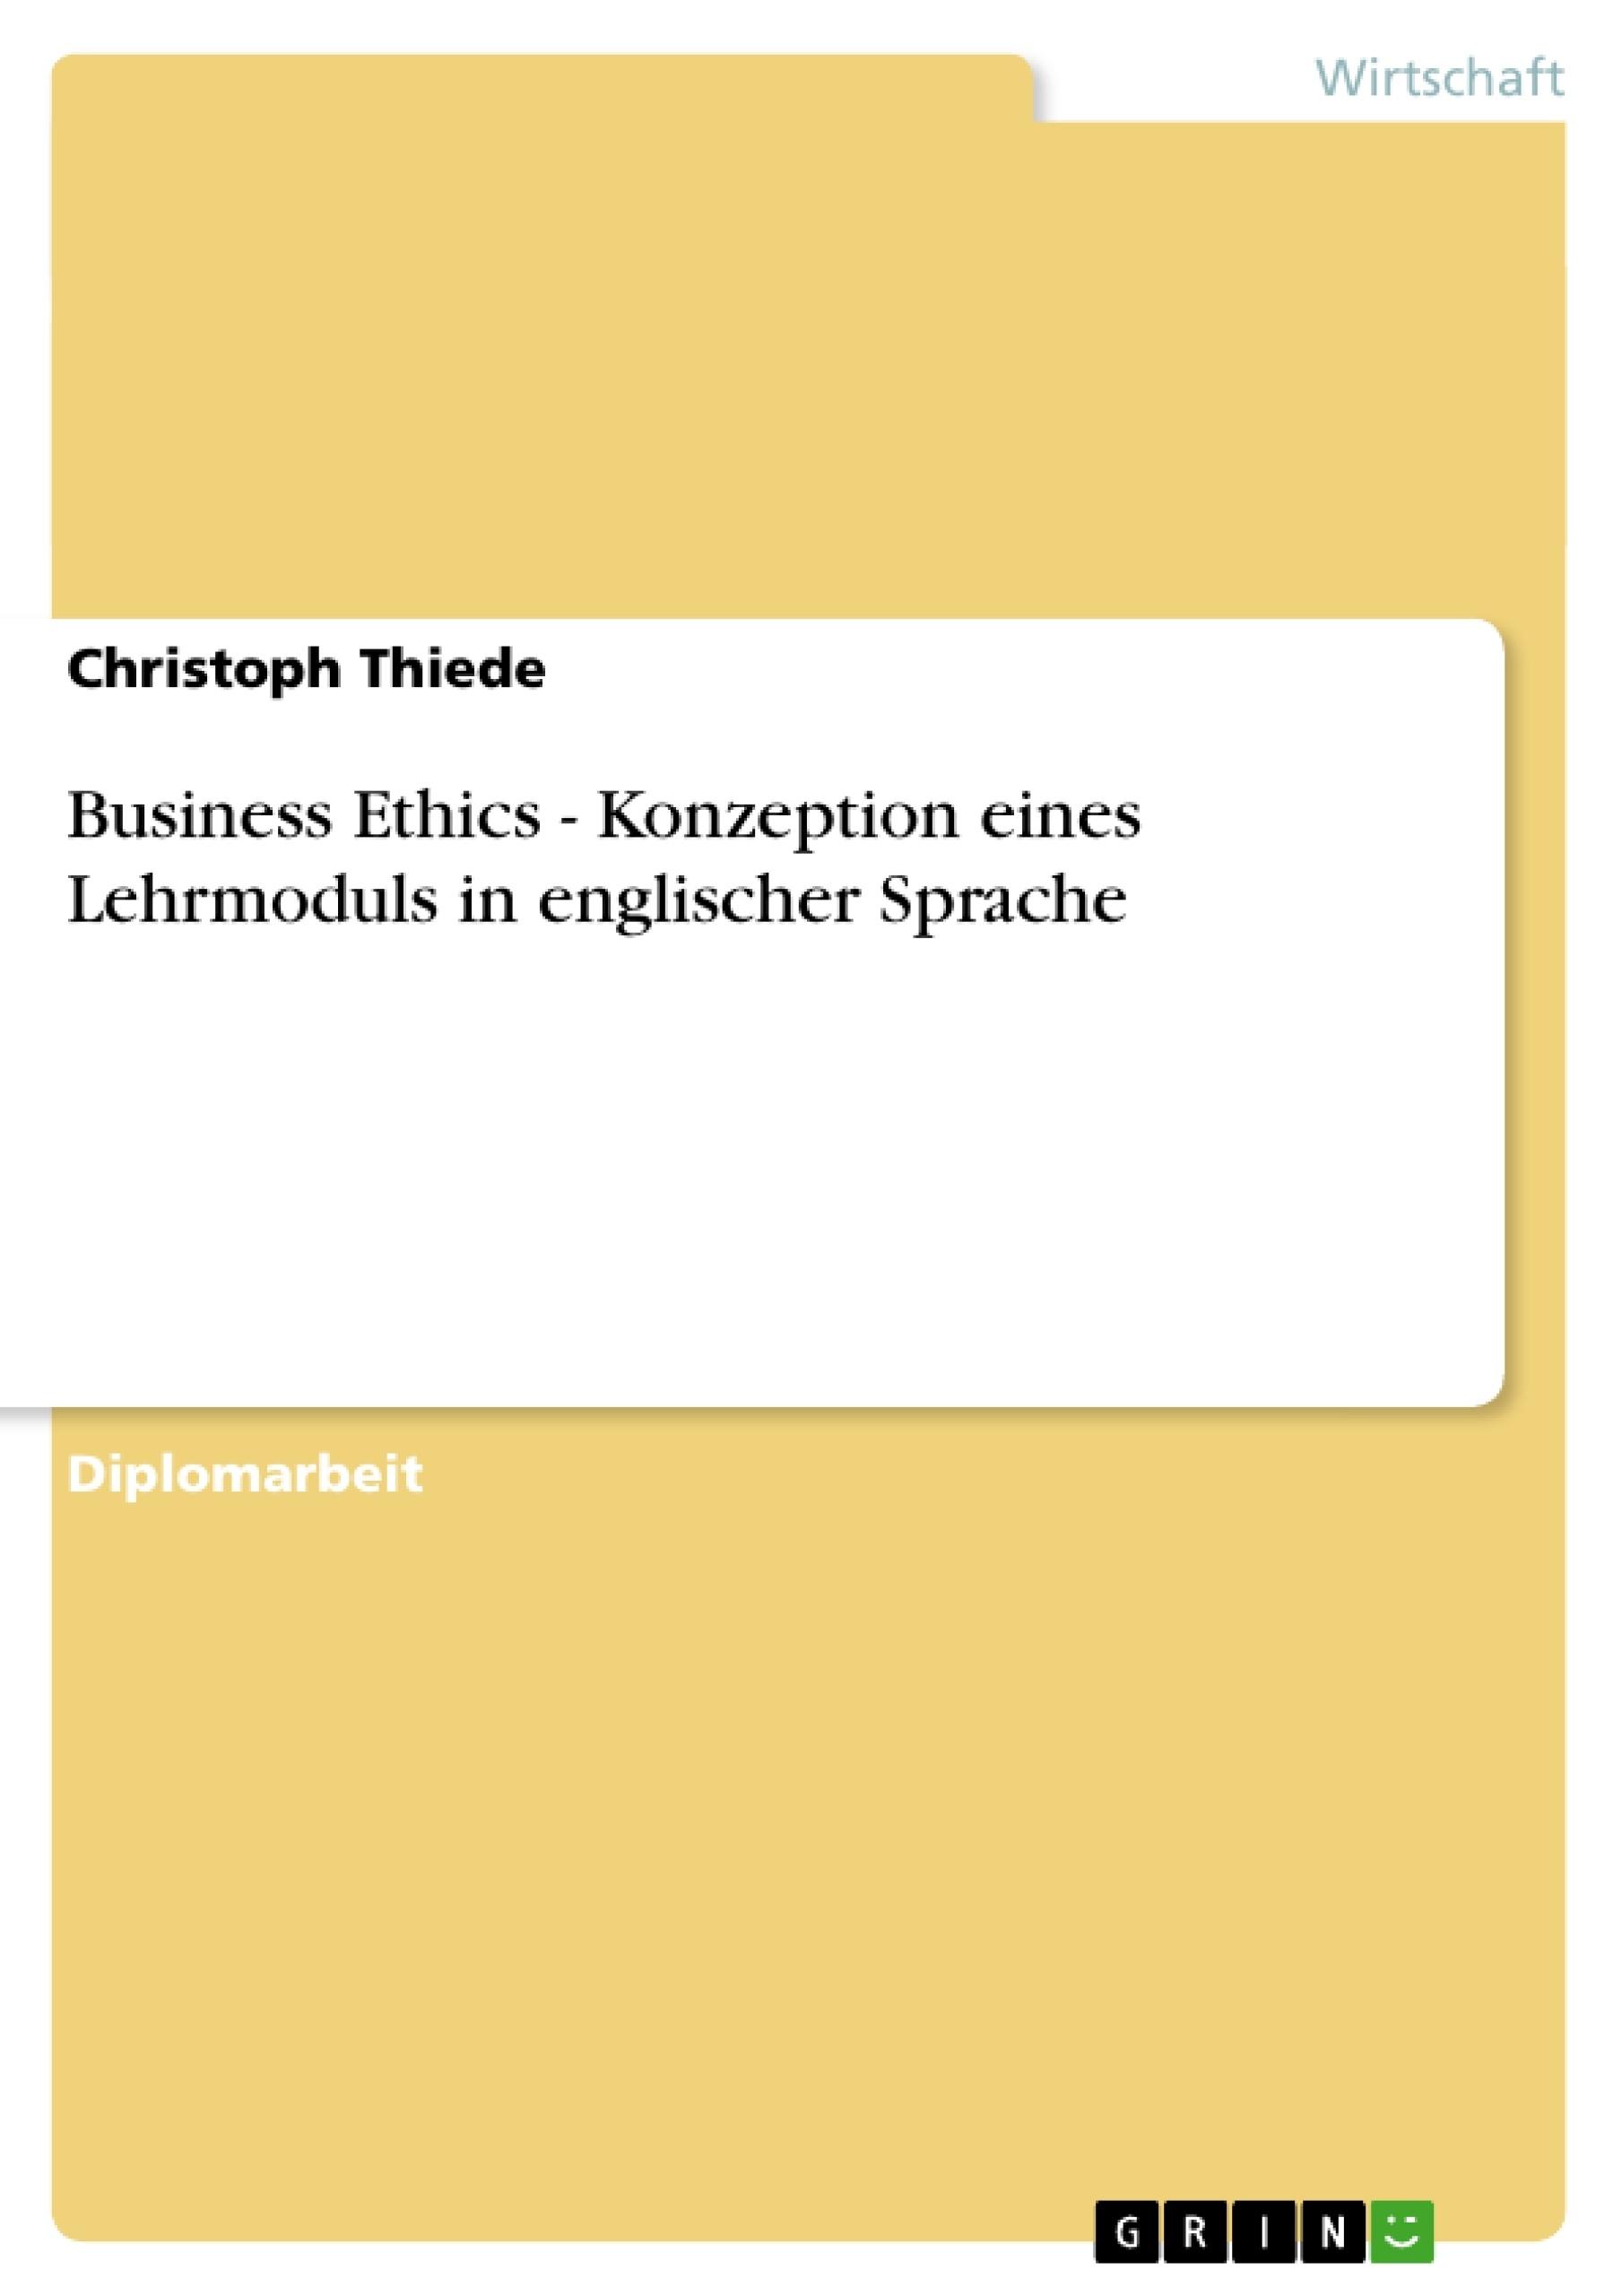 Titel: Business Ethics - Konzeption eines Lehrmoduls in englischer Sprache